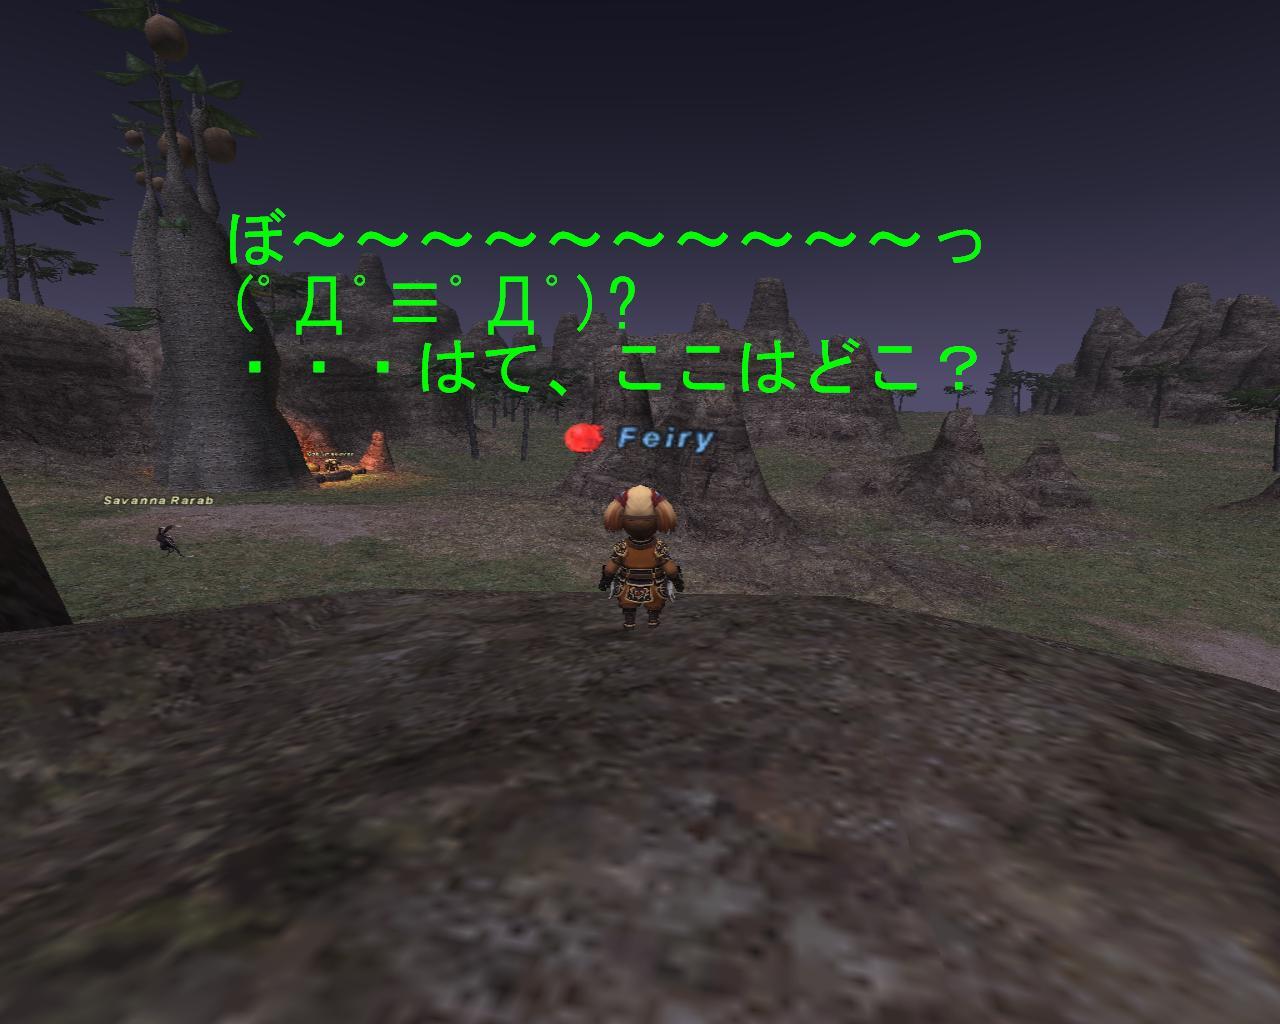 ワッショイヽ(゚∀゚)メ(゚∀゚)メ(゚∀゚)ノワッショイ_f0063726_1524274.jpg